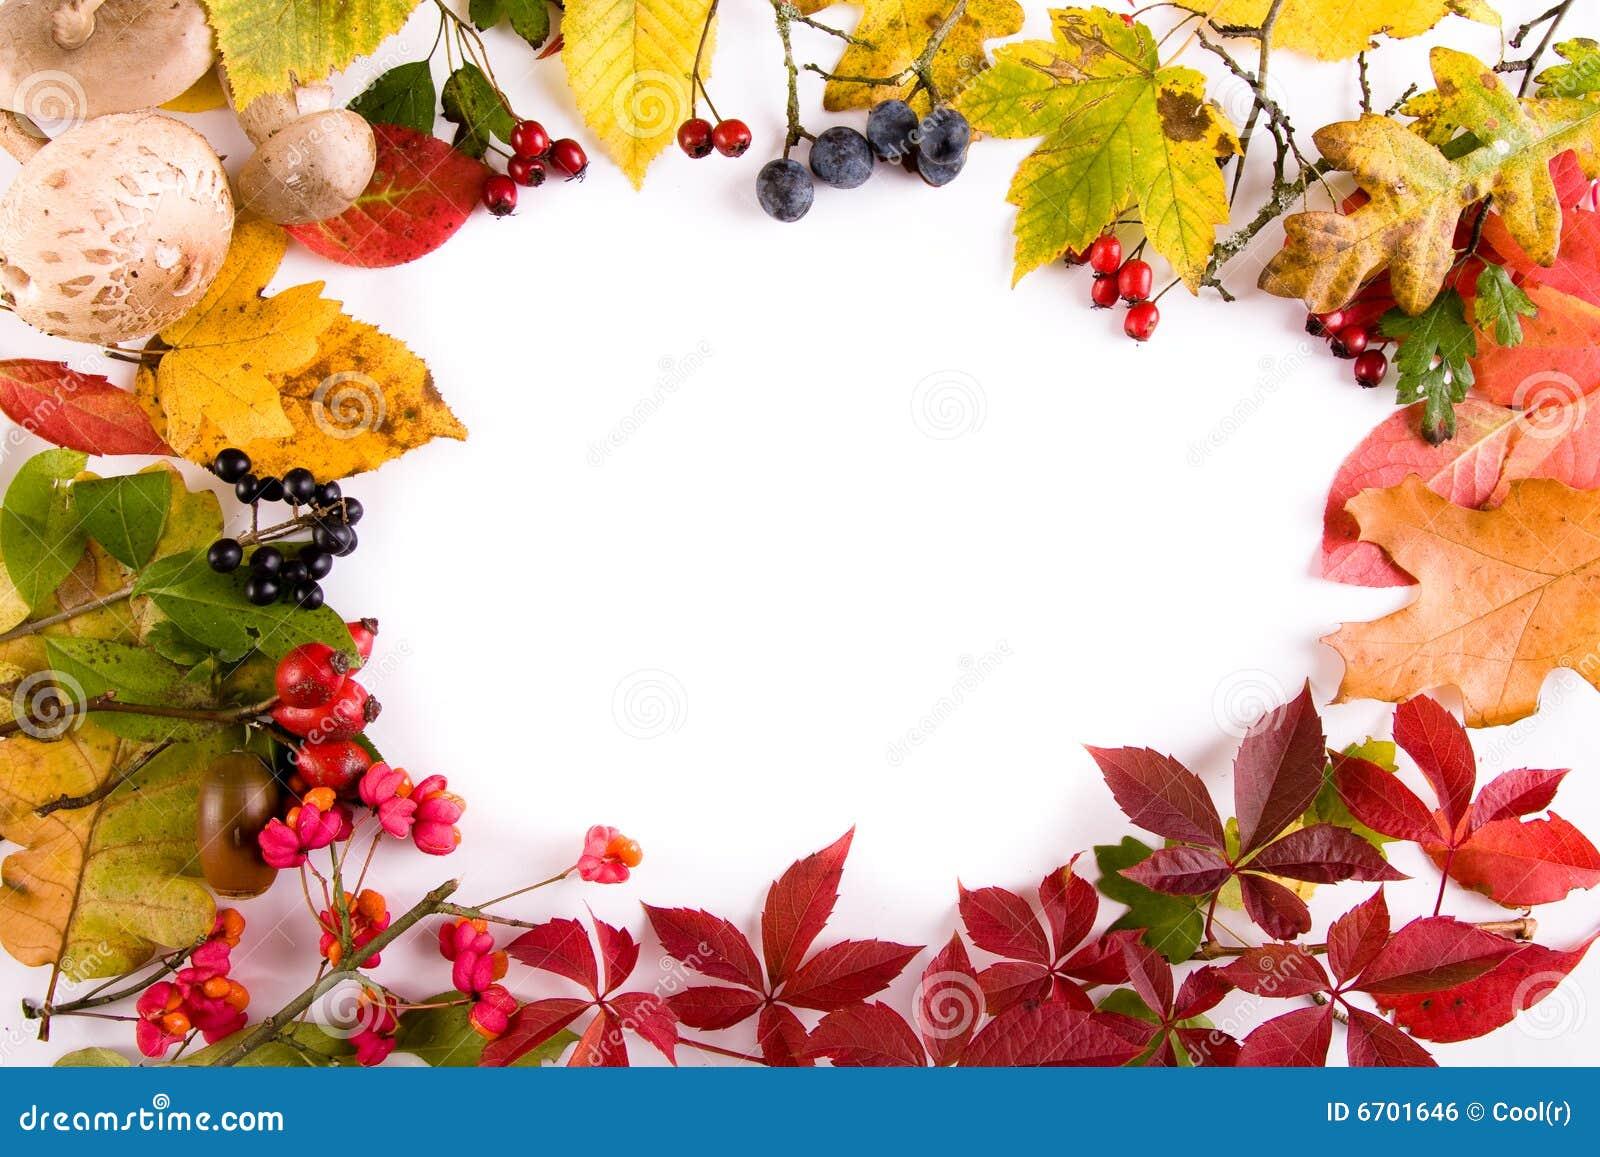 Autumn Frame... Harvest Backgrounds